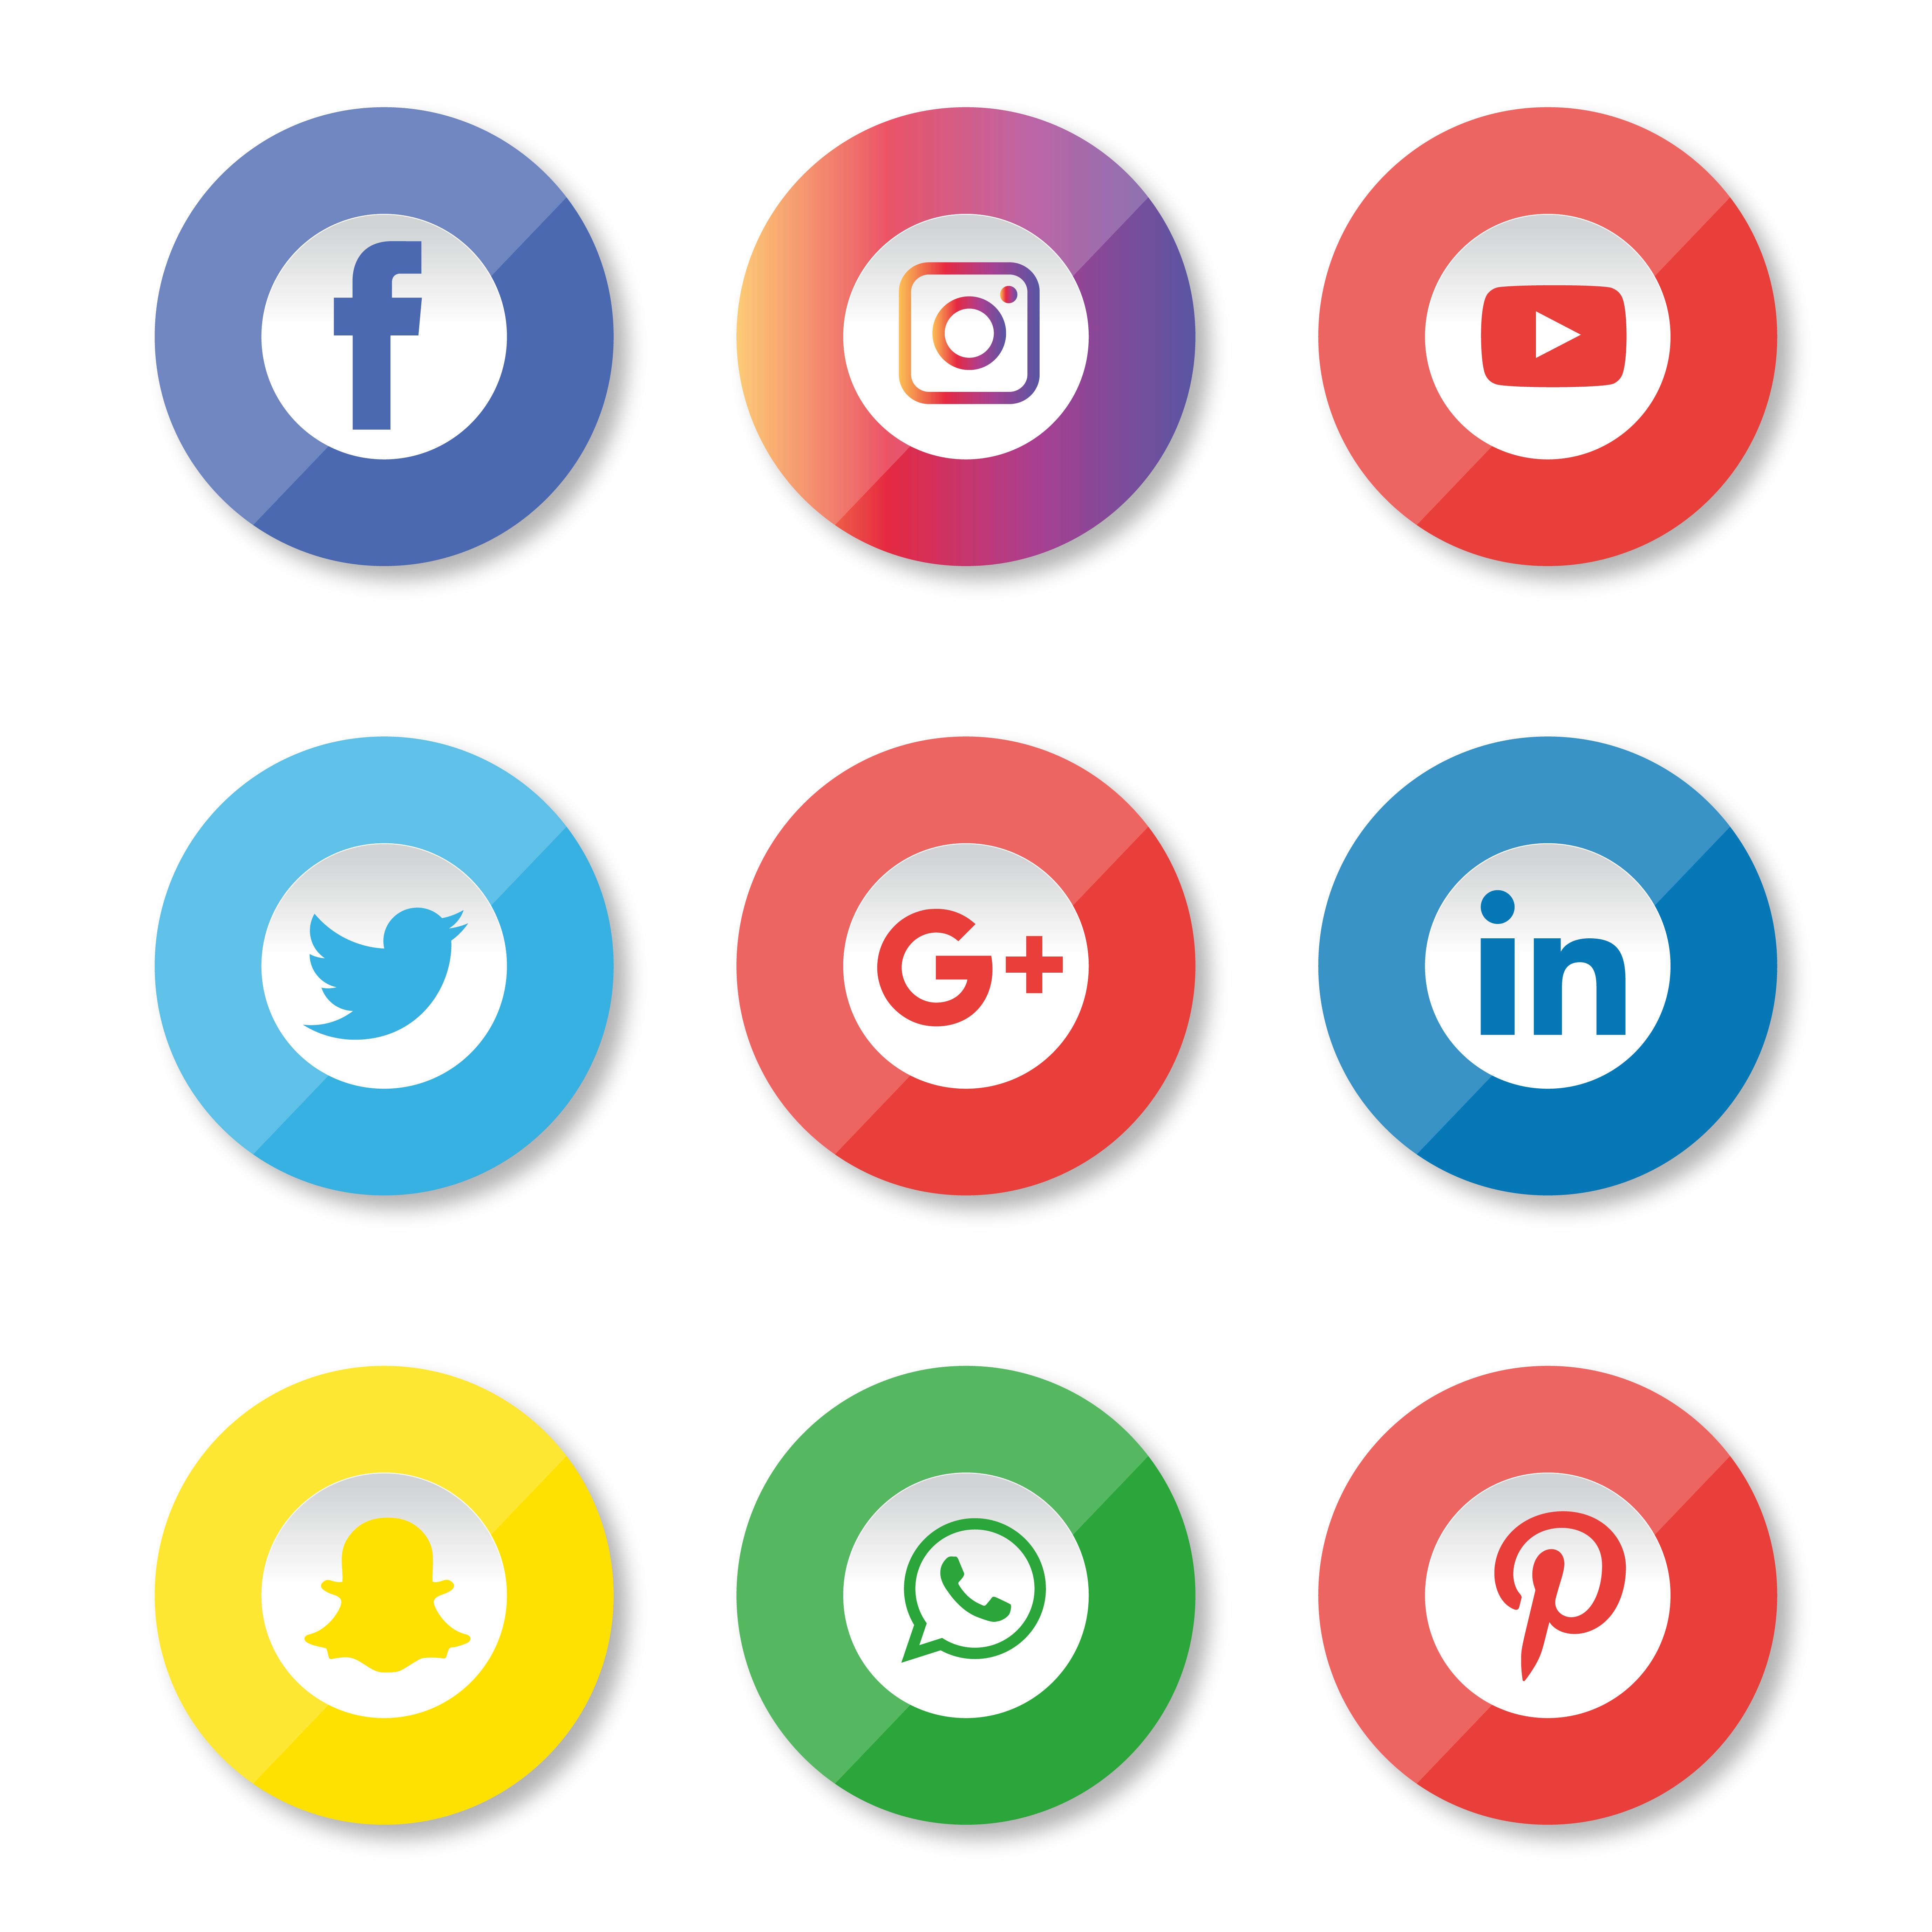 Animer une Communauté sur Facebook - WalkCast 3 Minutes [Partie 1] 1